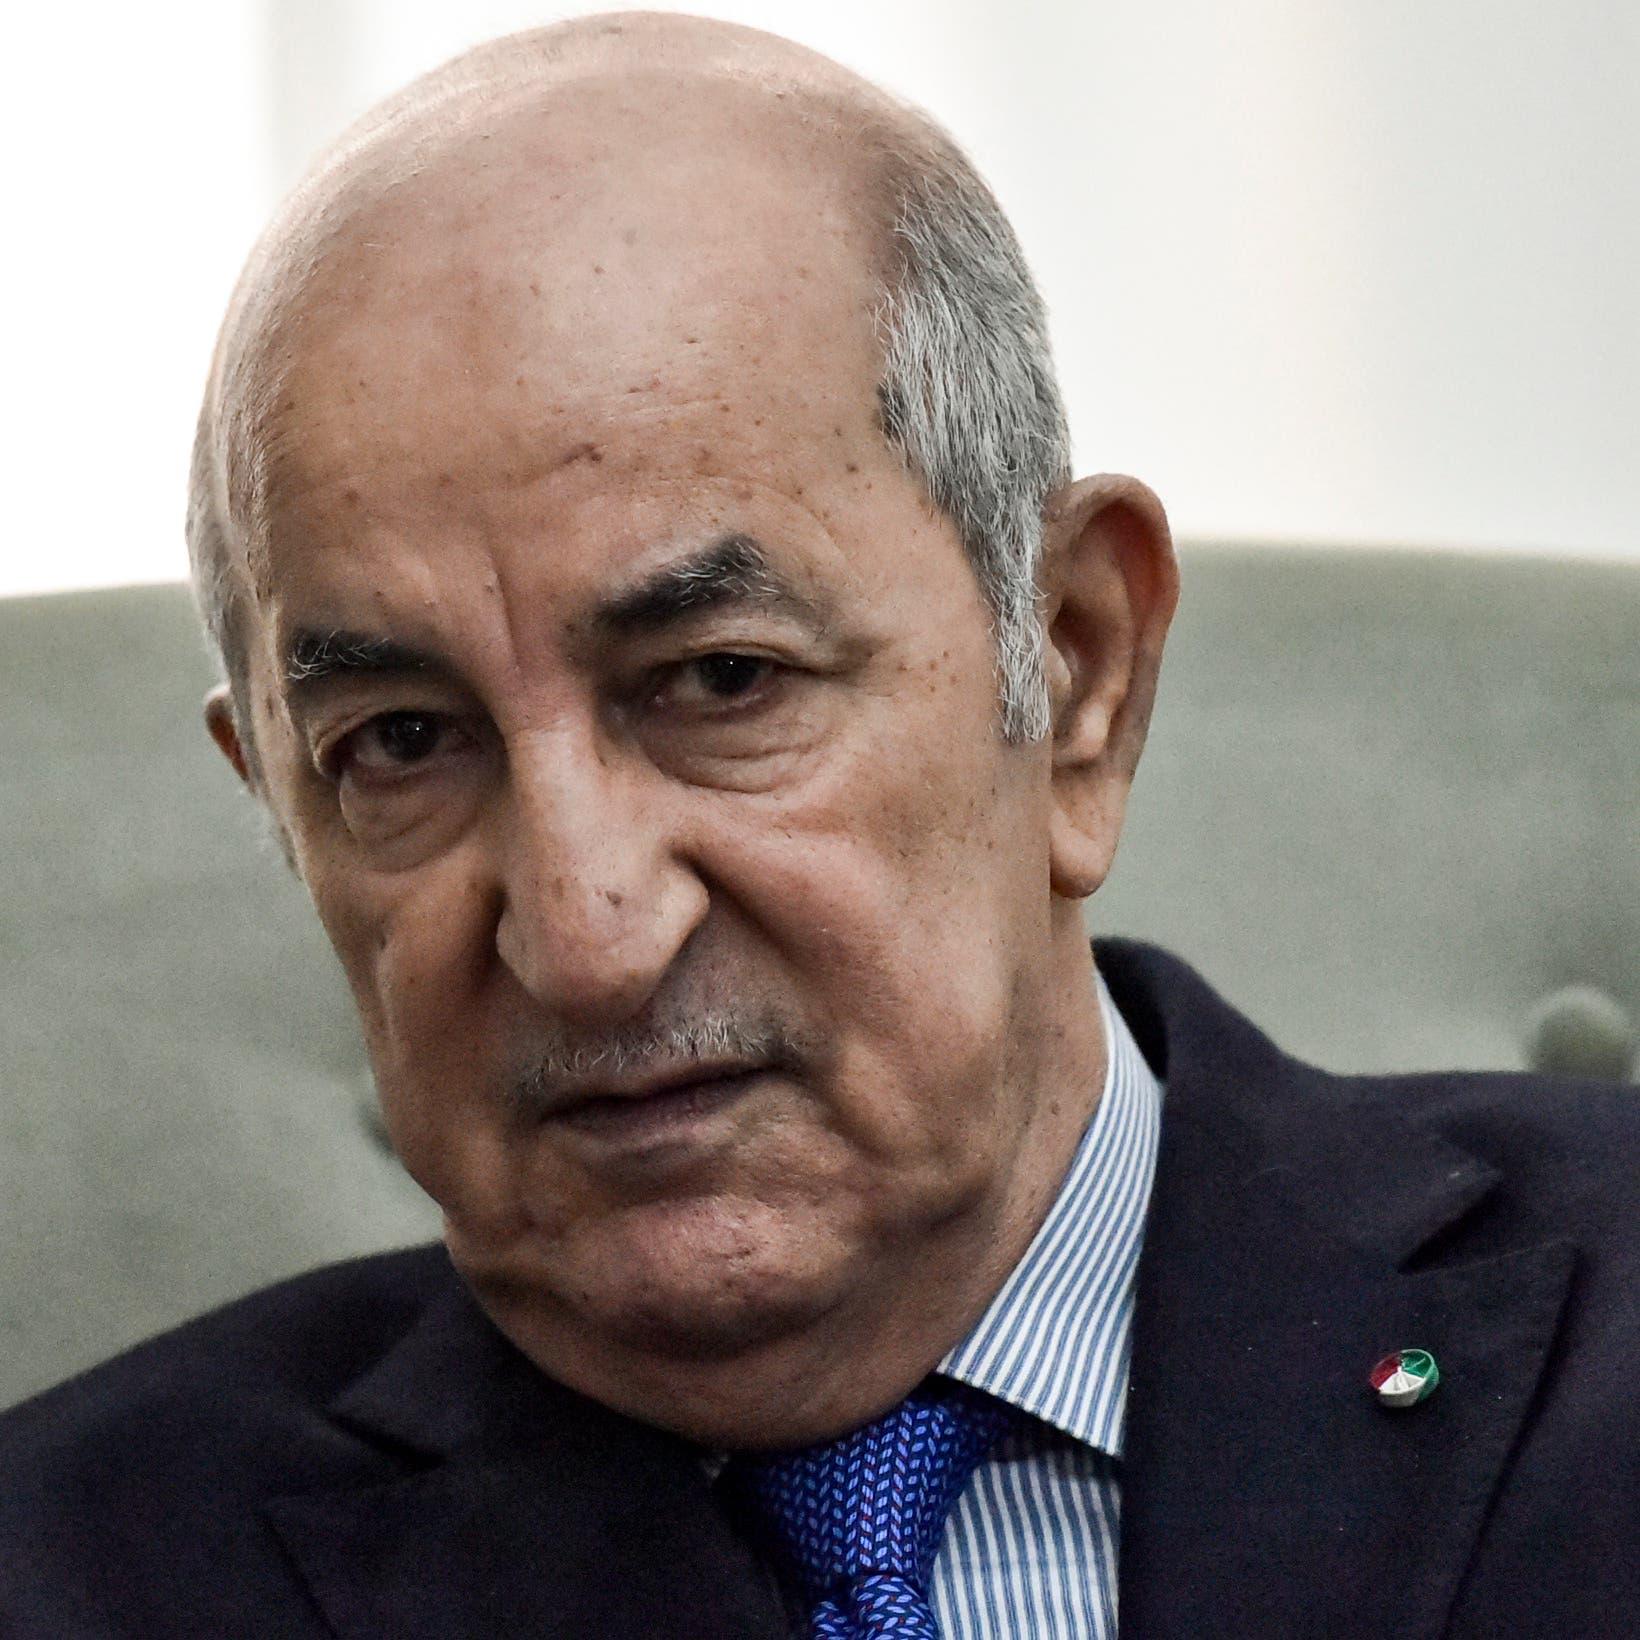 نقل رئيس الجزائر للمستشفى العسكري.. وتأكيد حكومي على سلامته